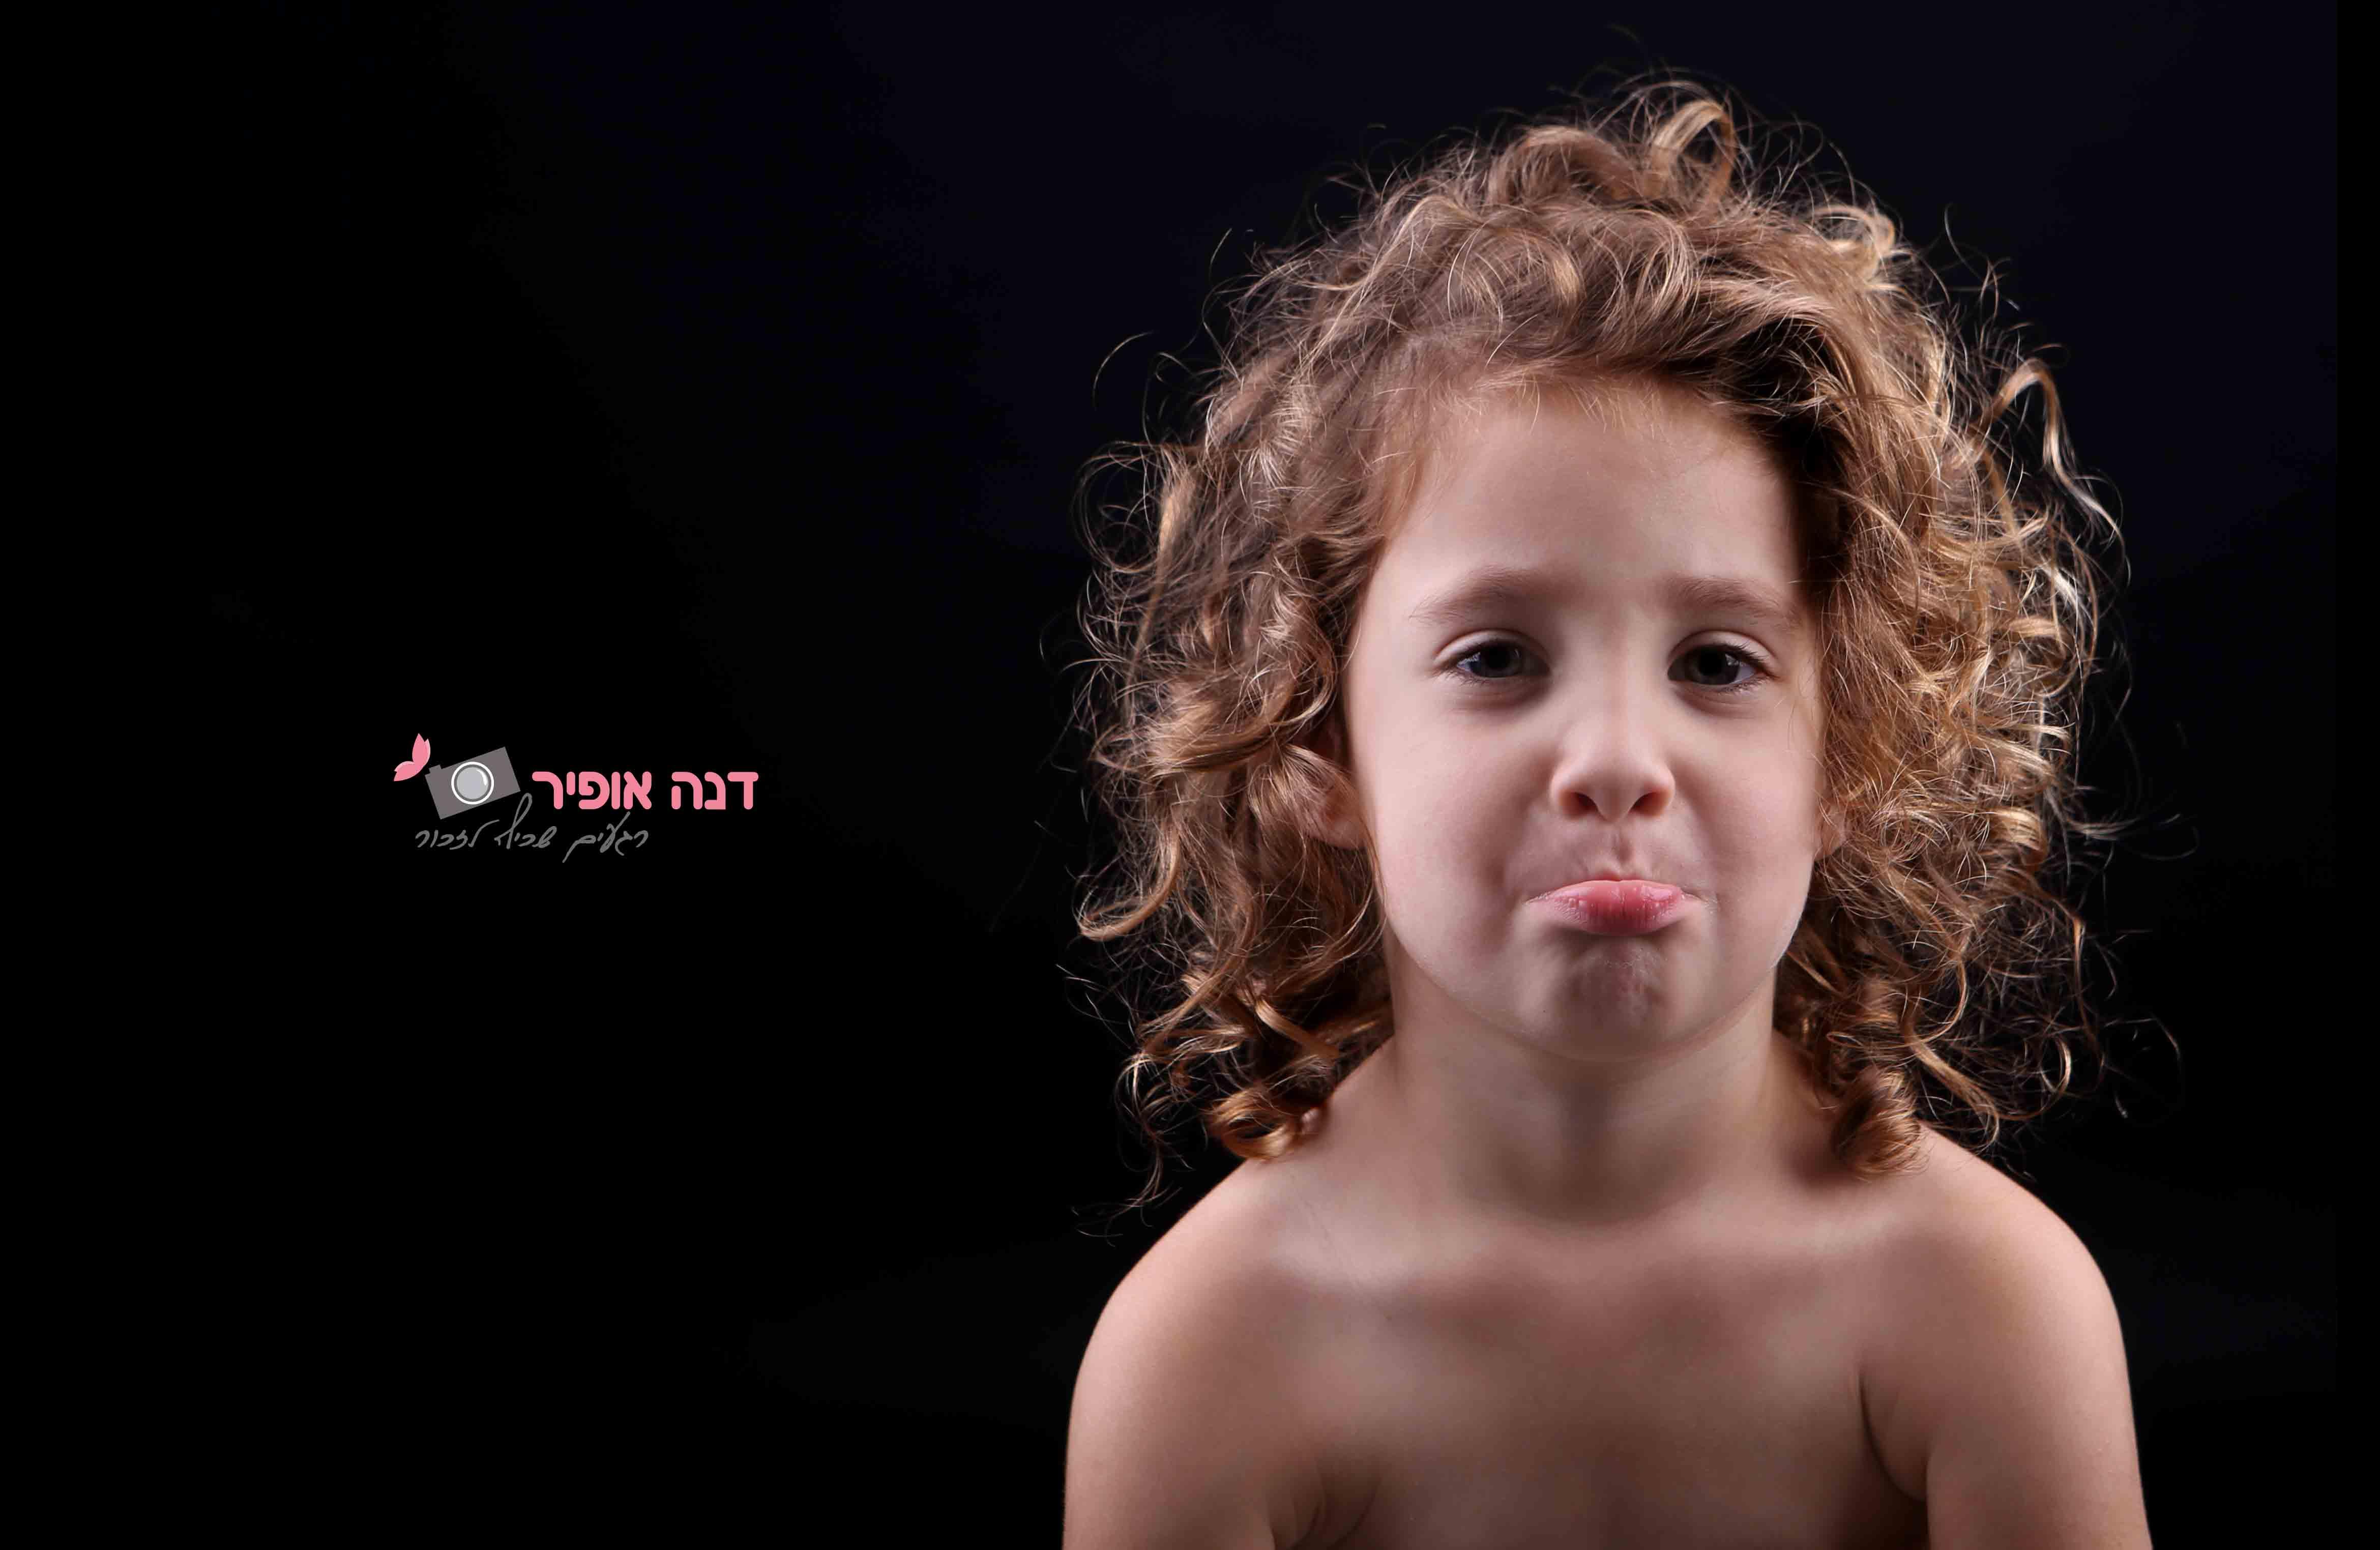 סטודיו לצילום ילדים 1 - דנה אופיר